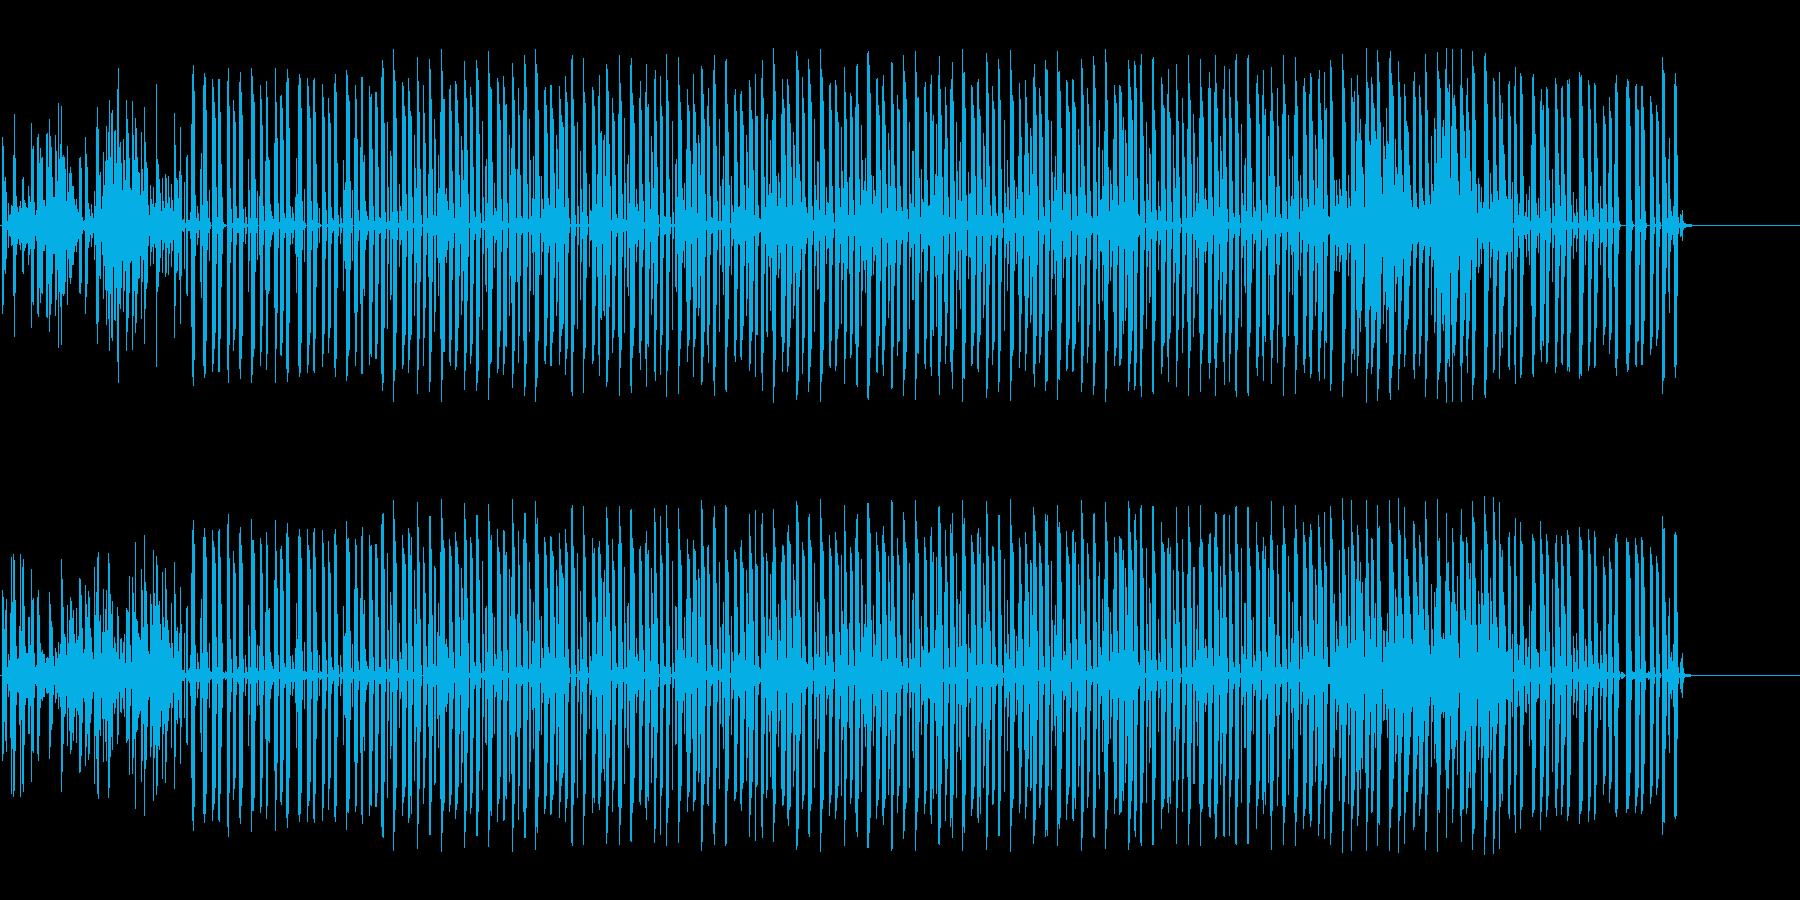 怪しく奇妙な雰囲気のエレクトロニカの再生済みの波形